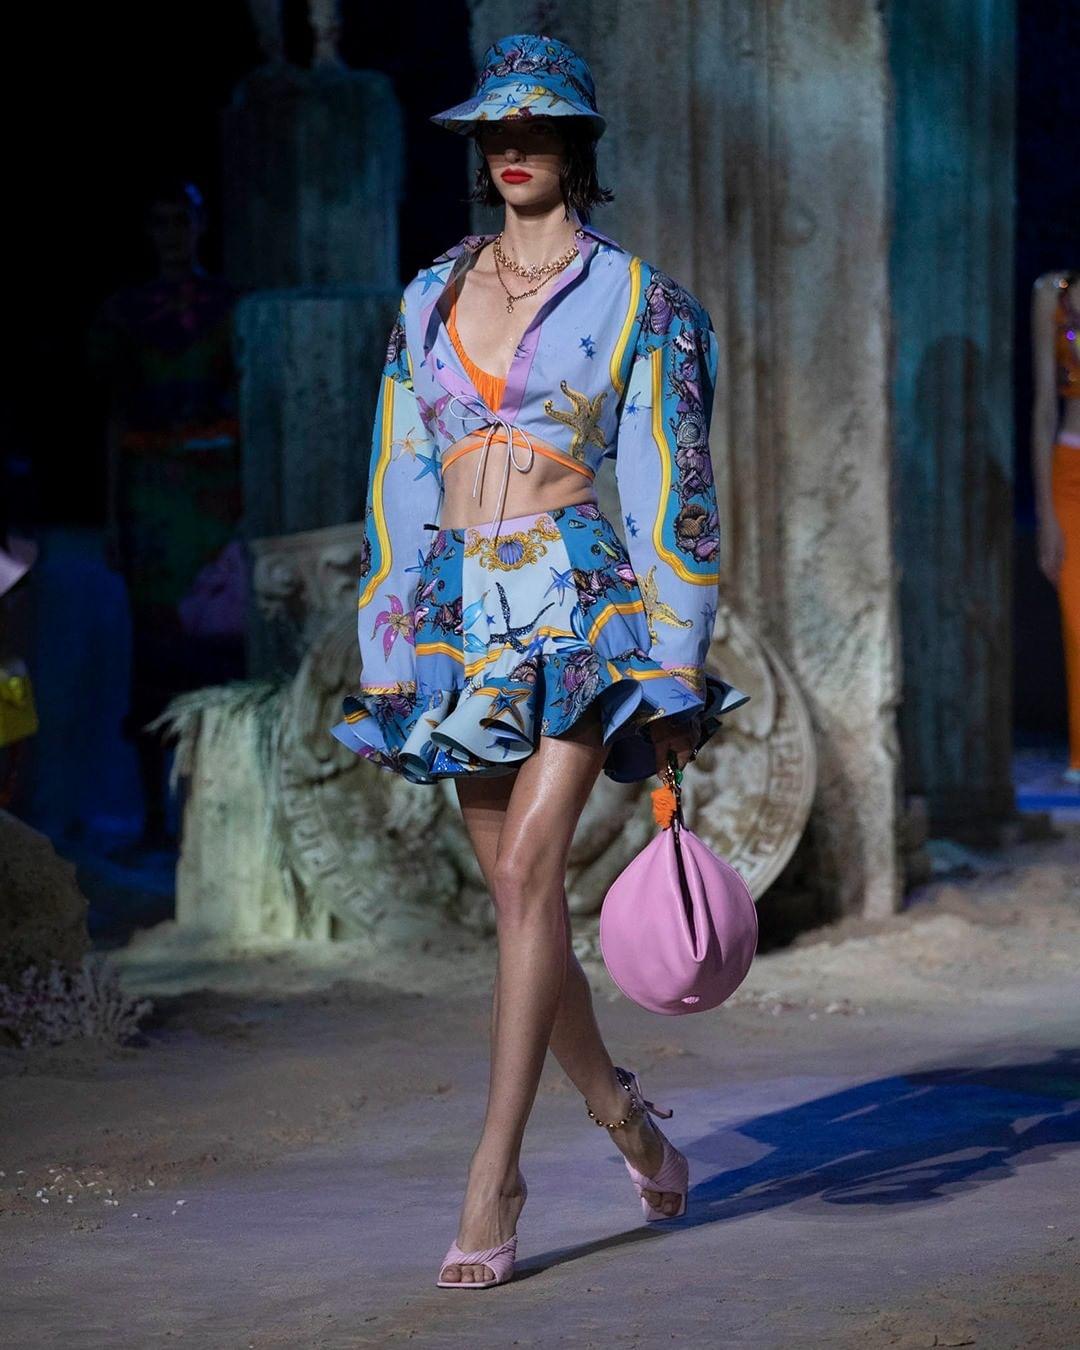 versace fashion: 7